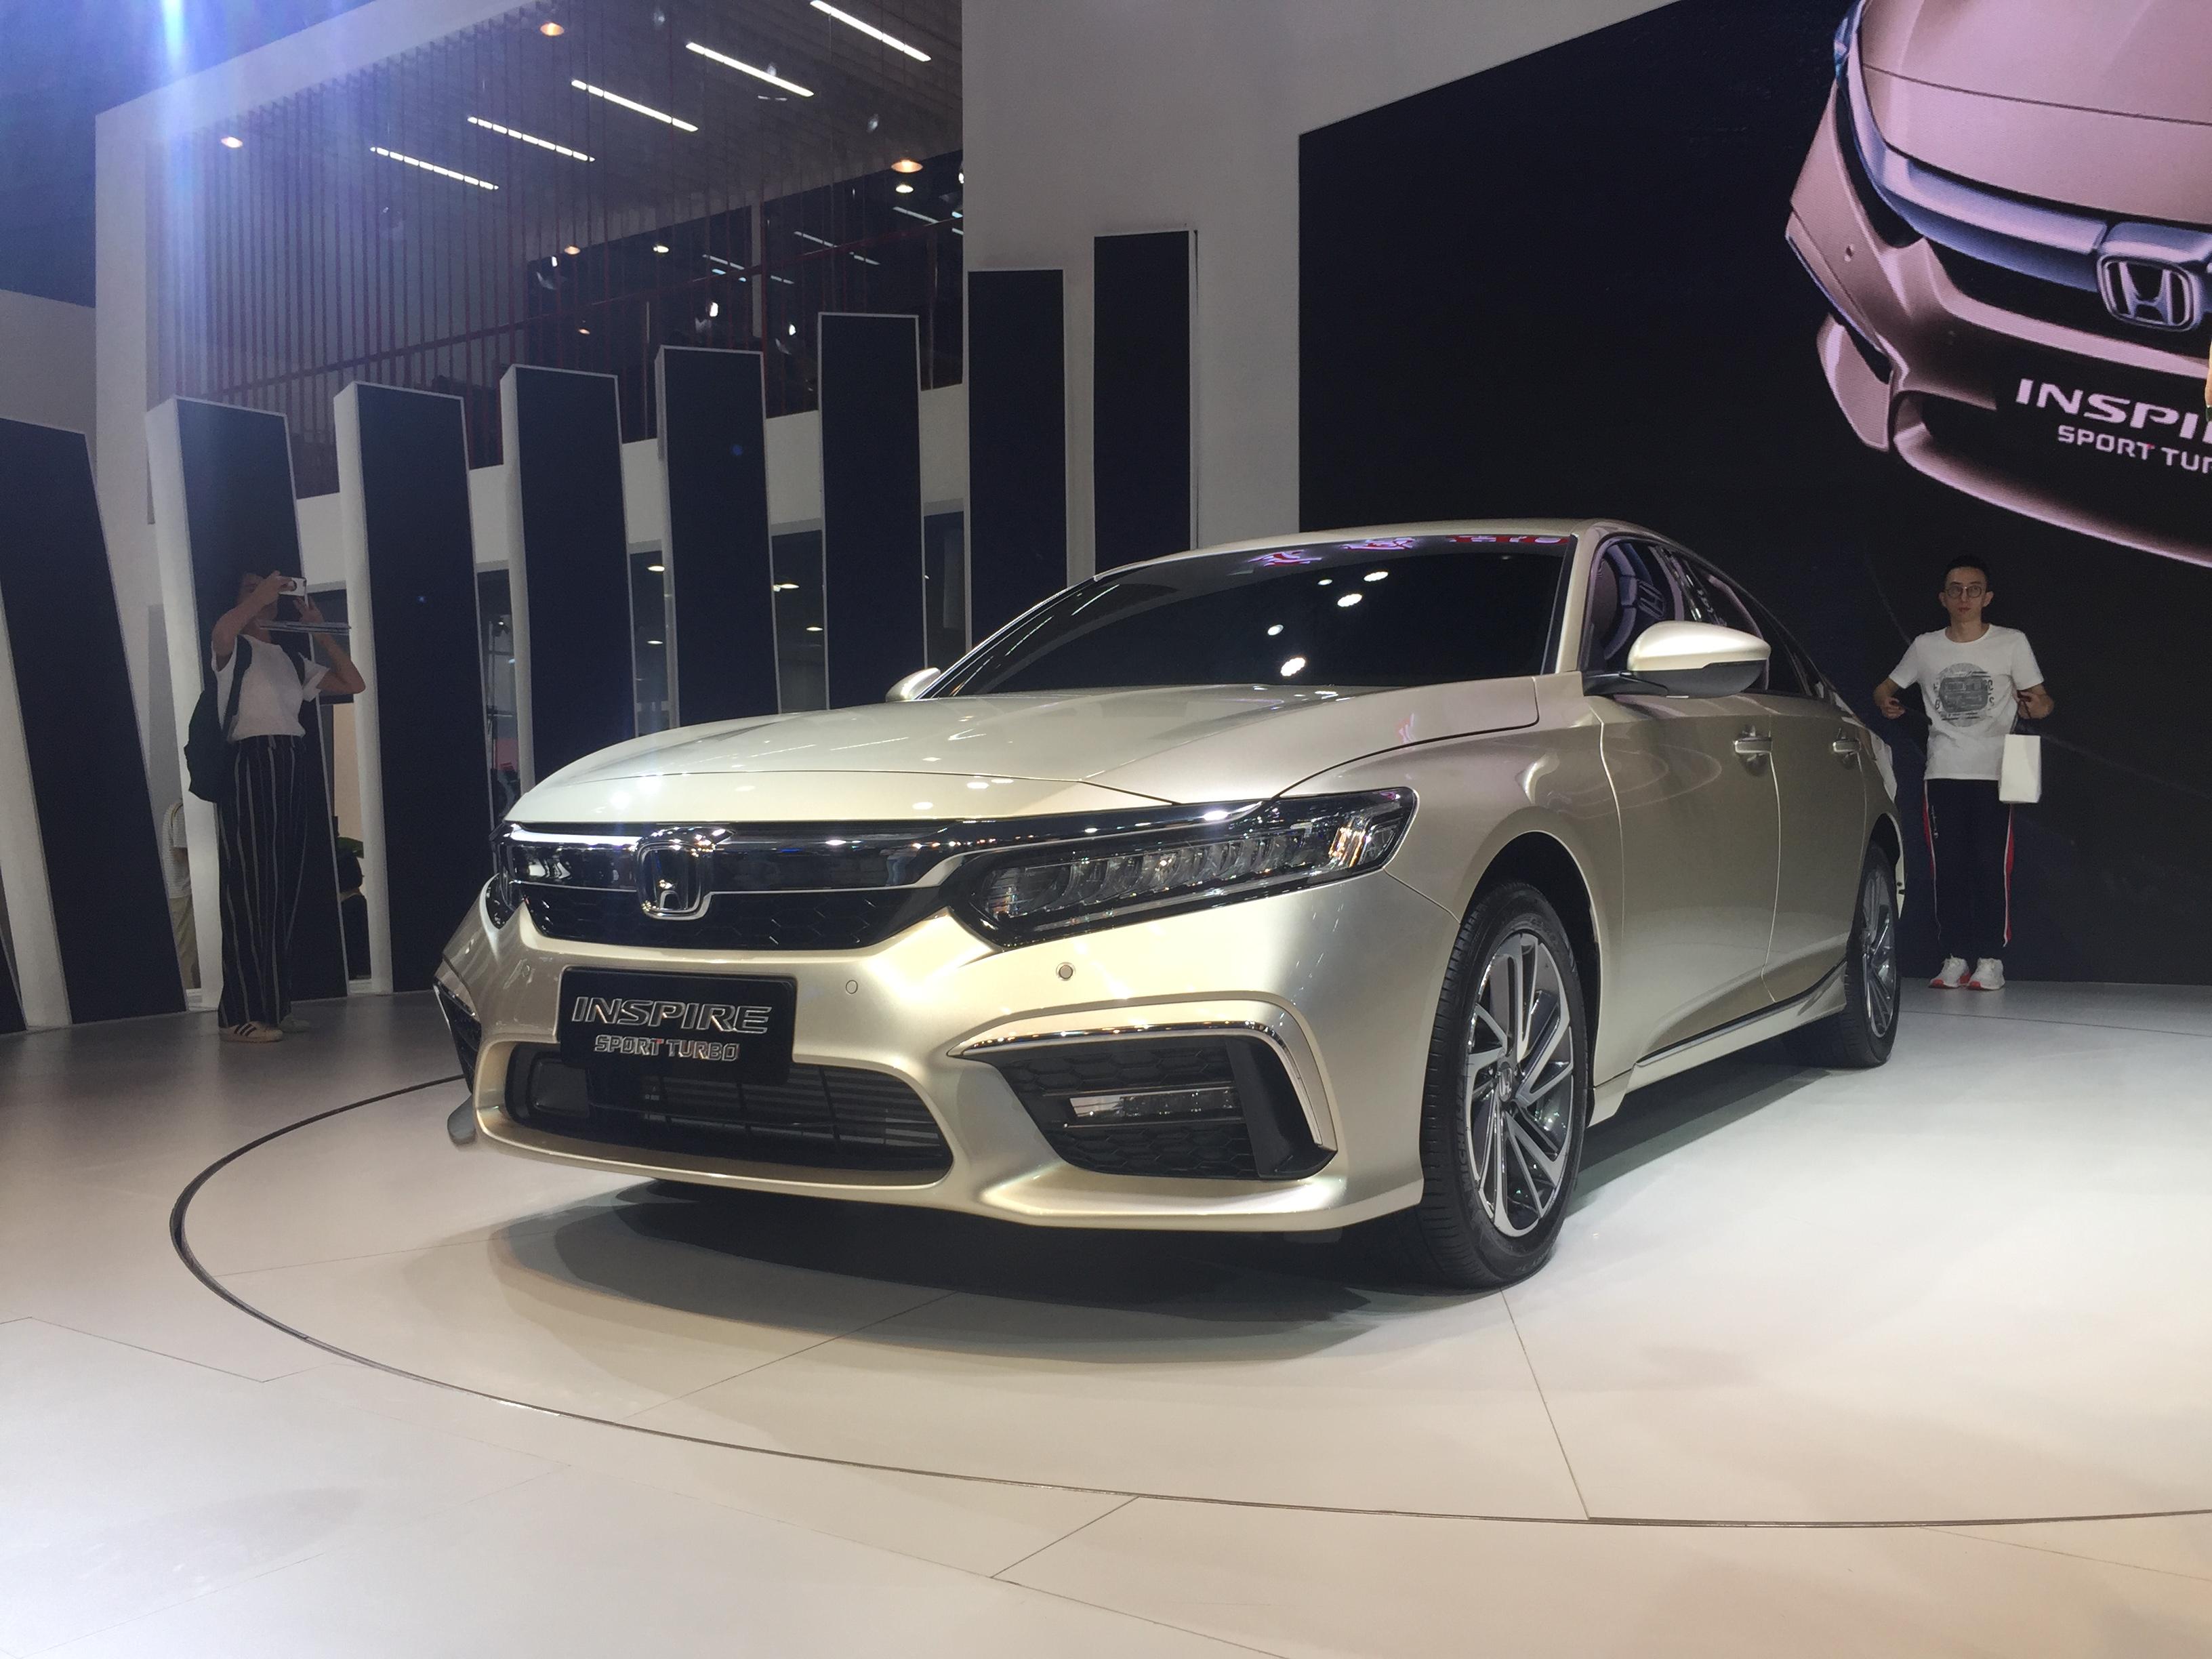 全新中型车 东风本田INSPIRE十月底上市